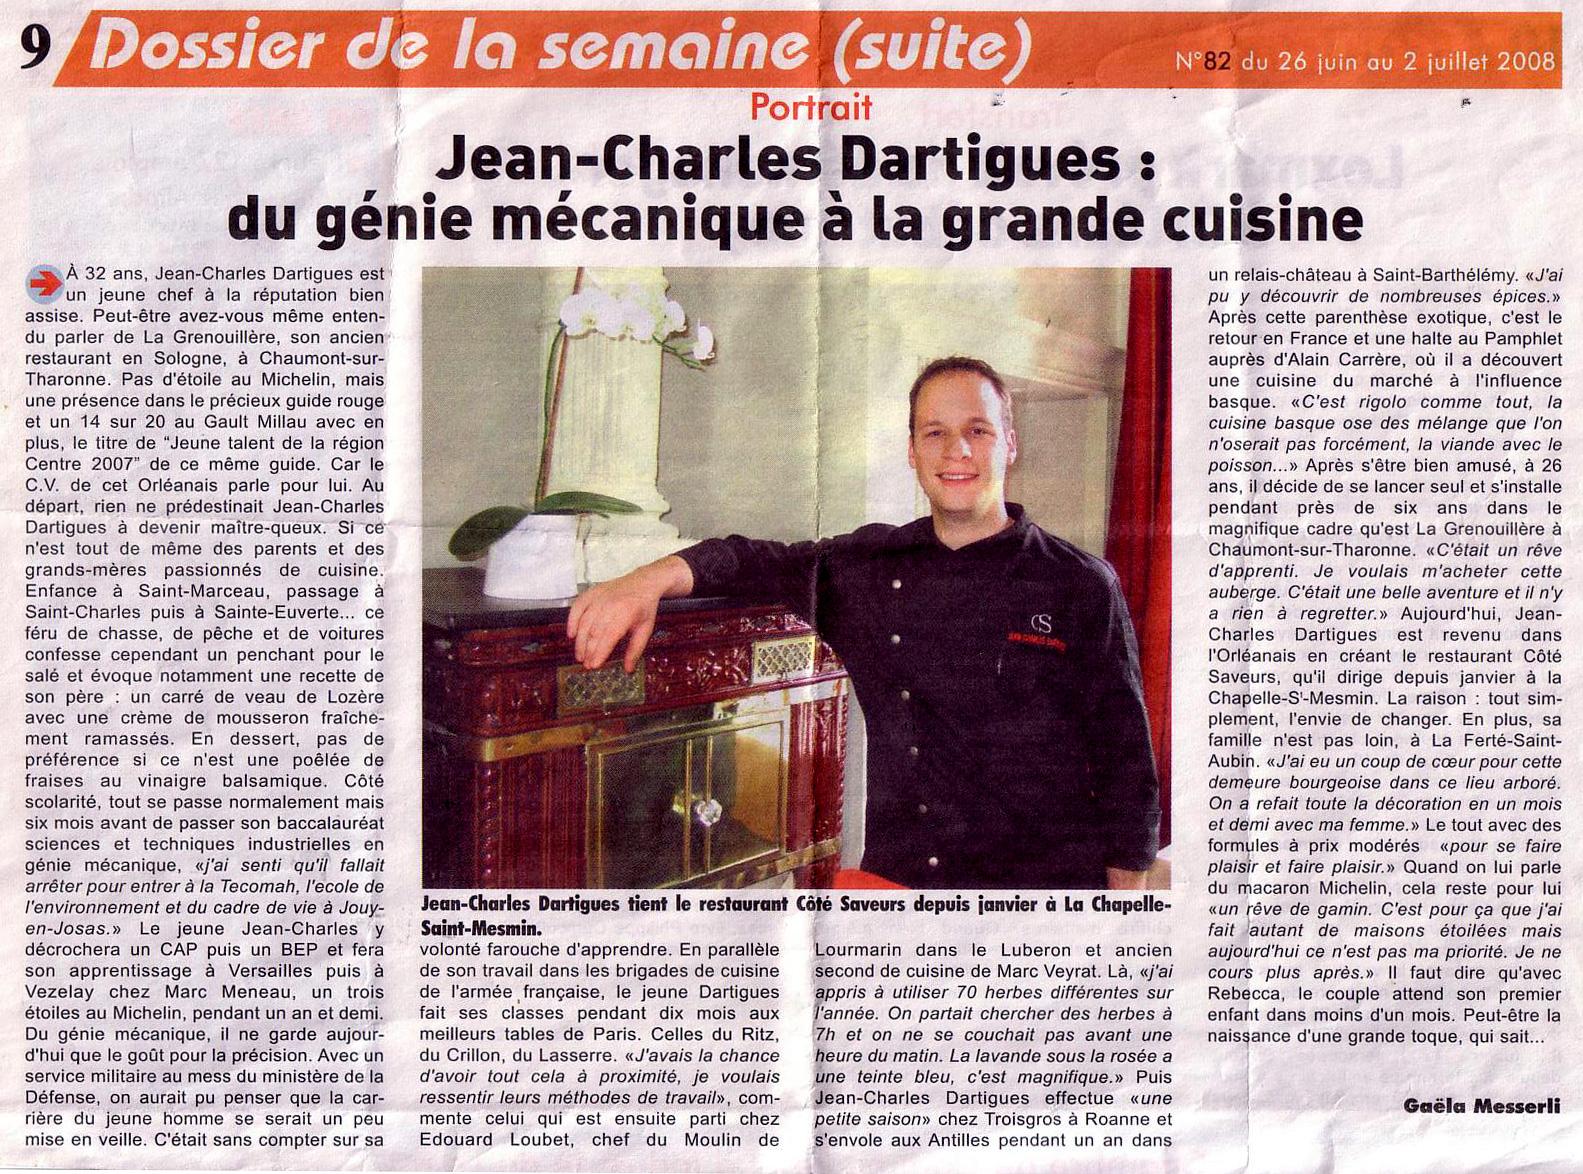 Jean-Charles Dartigues, du génie mécanique à la grande cuisine